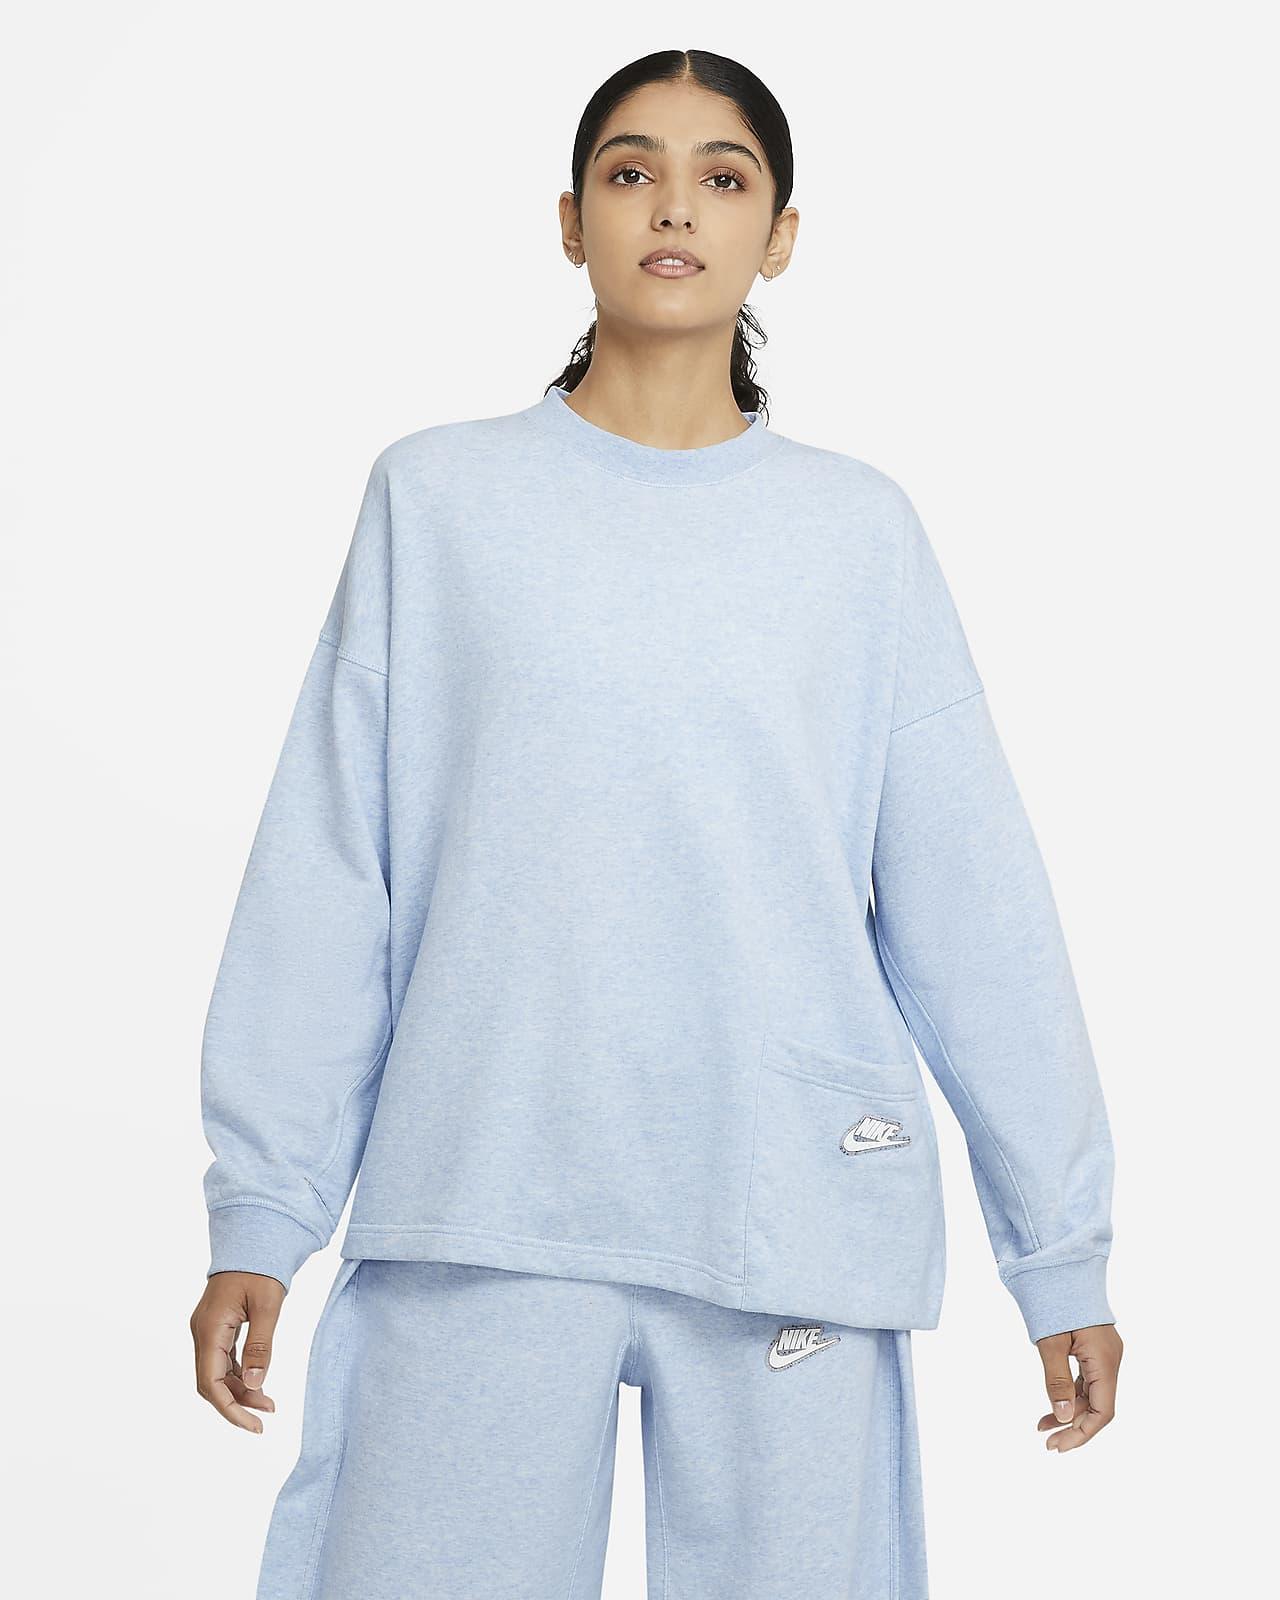 Dámská mikina s kulatým výstřihem Nike Sportswear